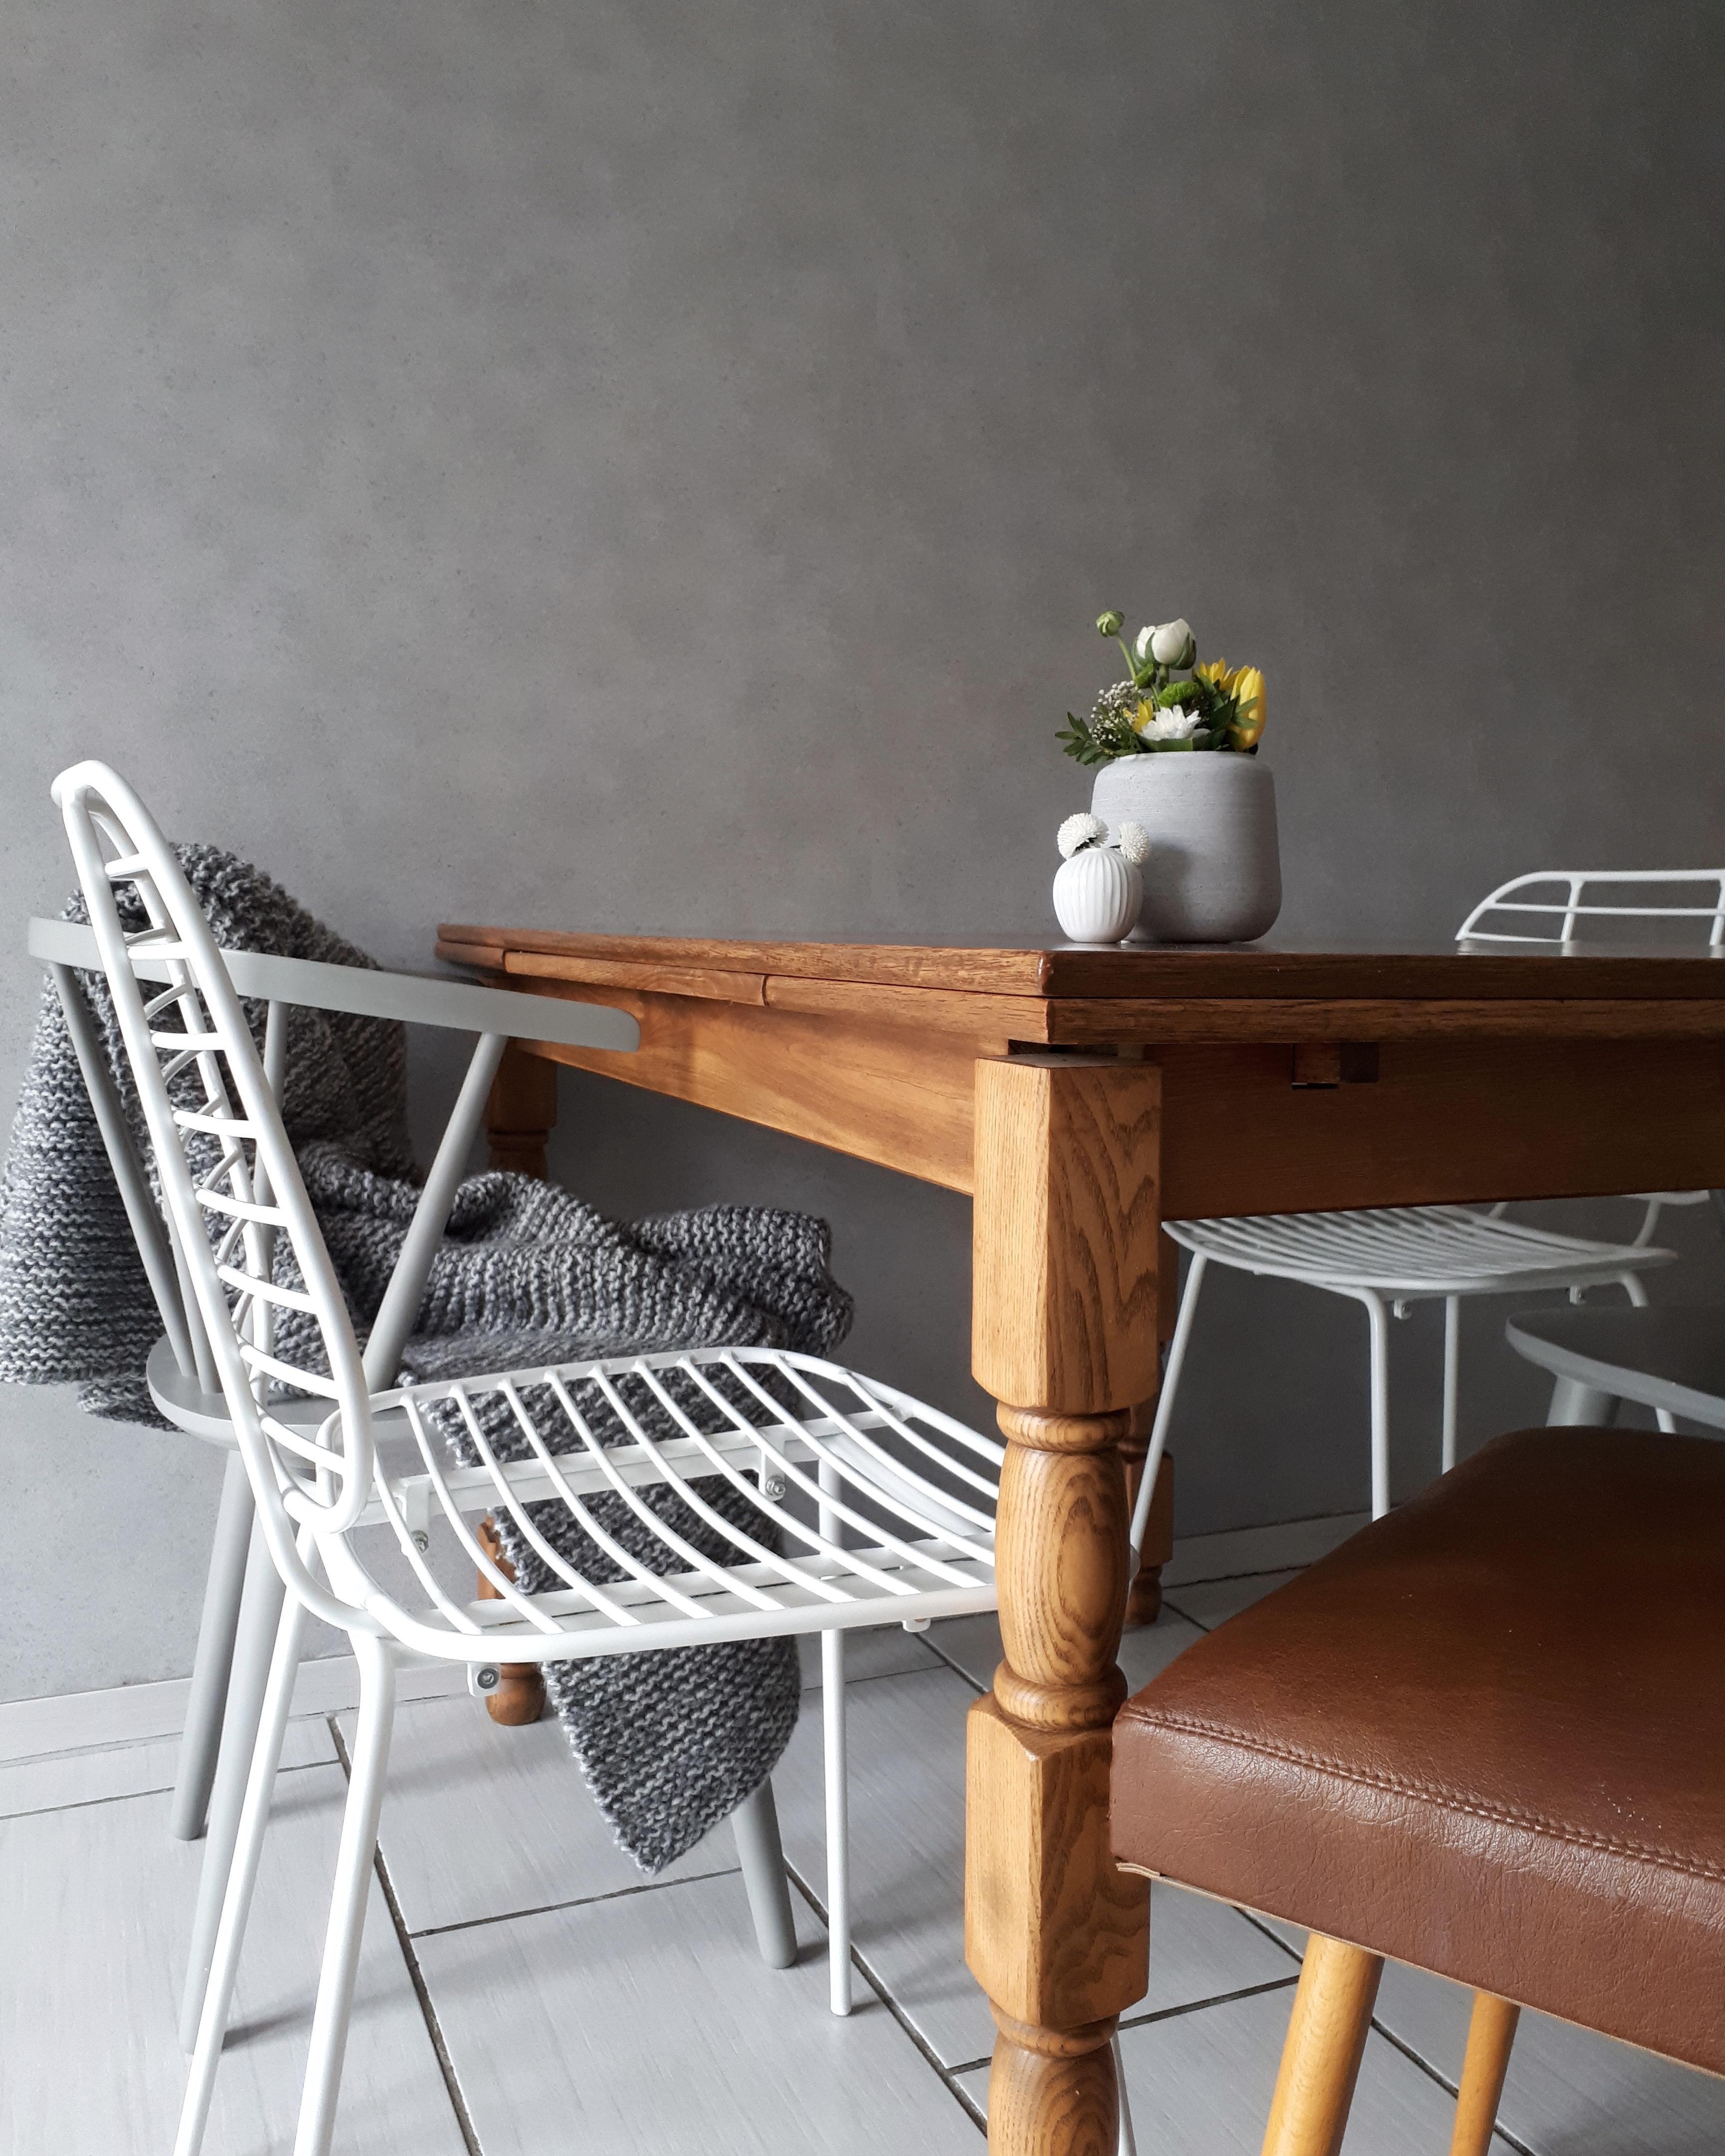 Stuhl Esstisch stuhl bilder ideen couchstyle